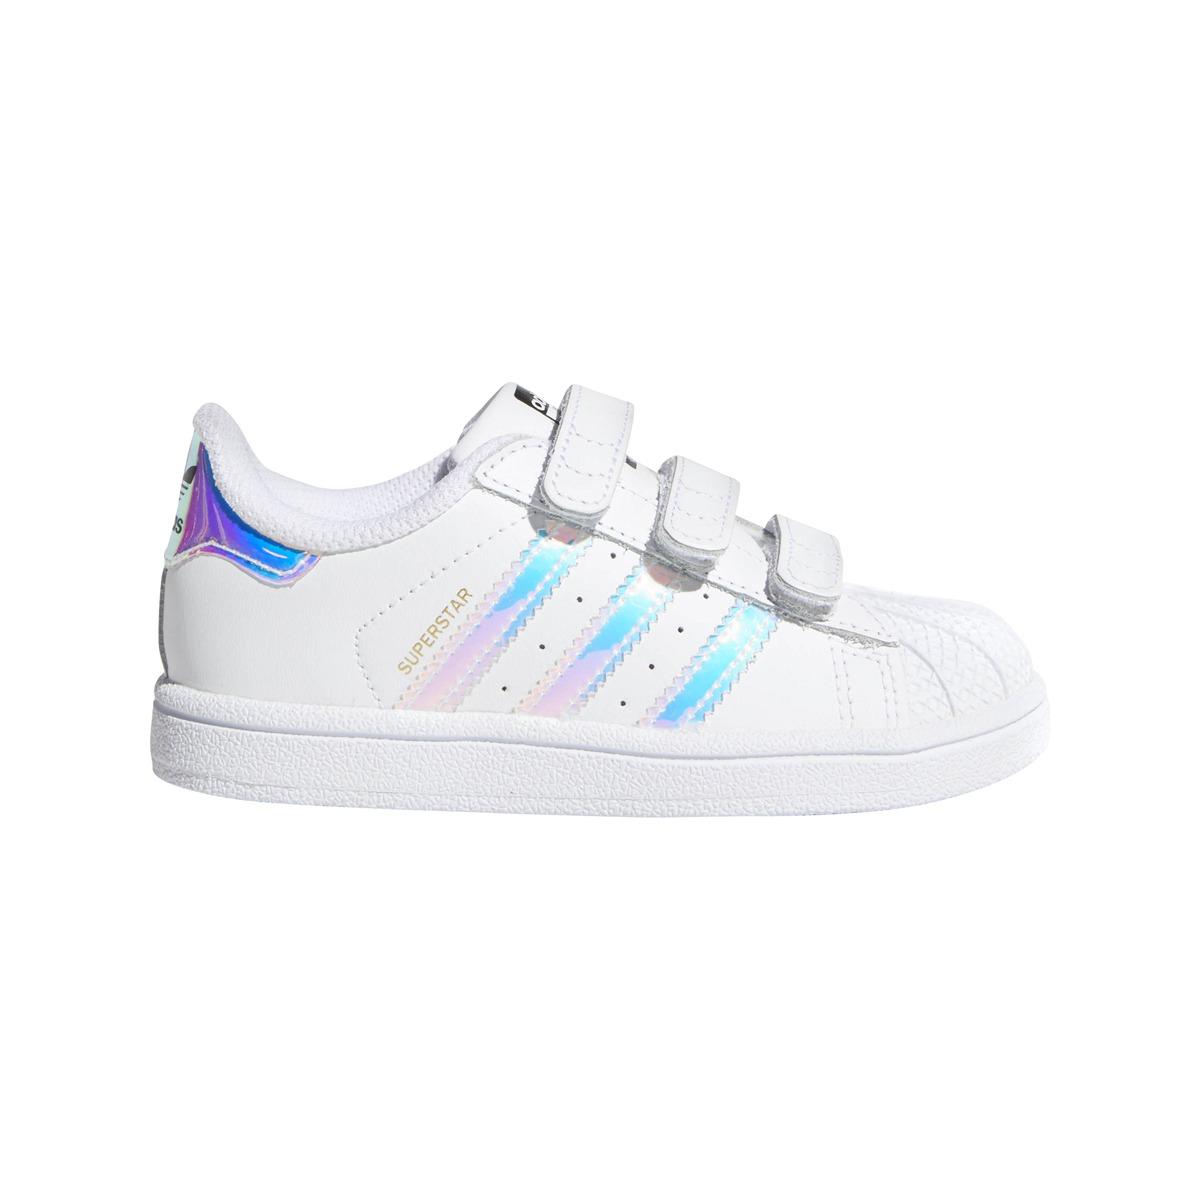 dac423a7055b6 zapatillas adidas originals moda superstar cf i bebe bl tu. Cargando zoom.